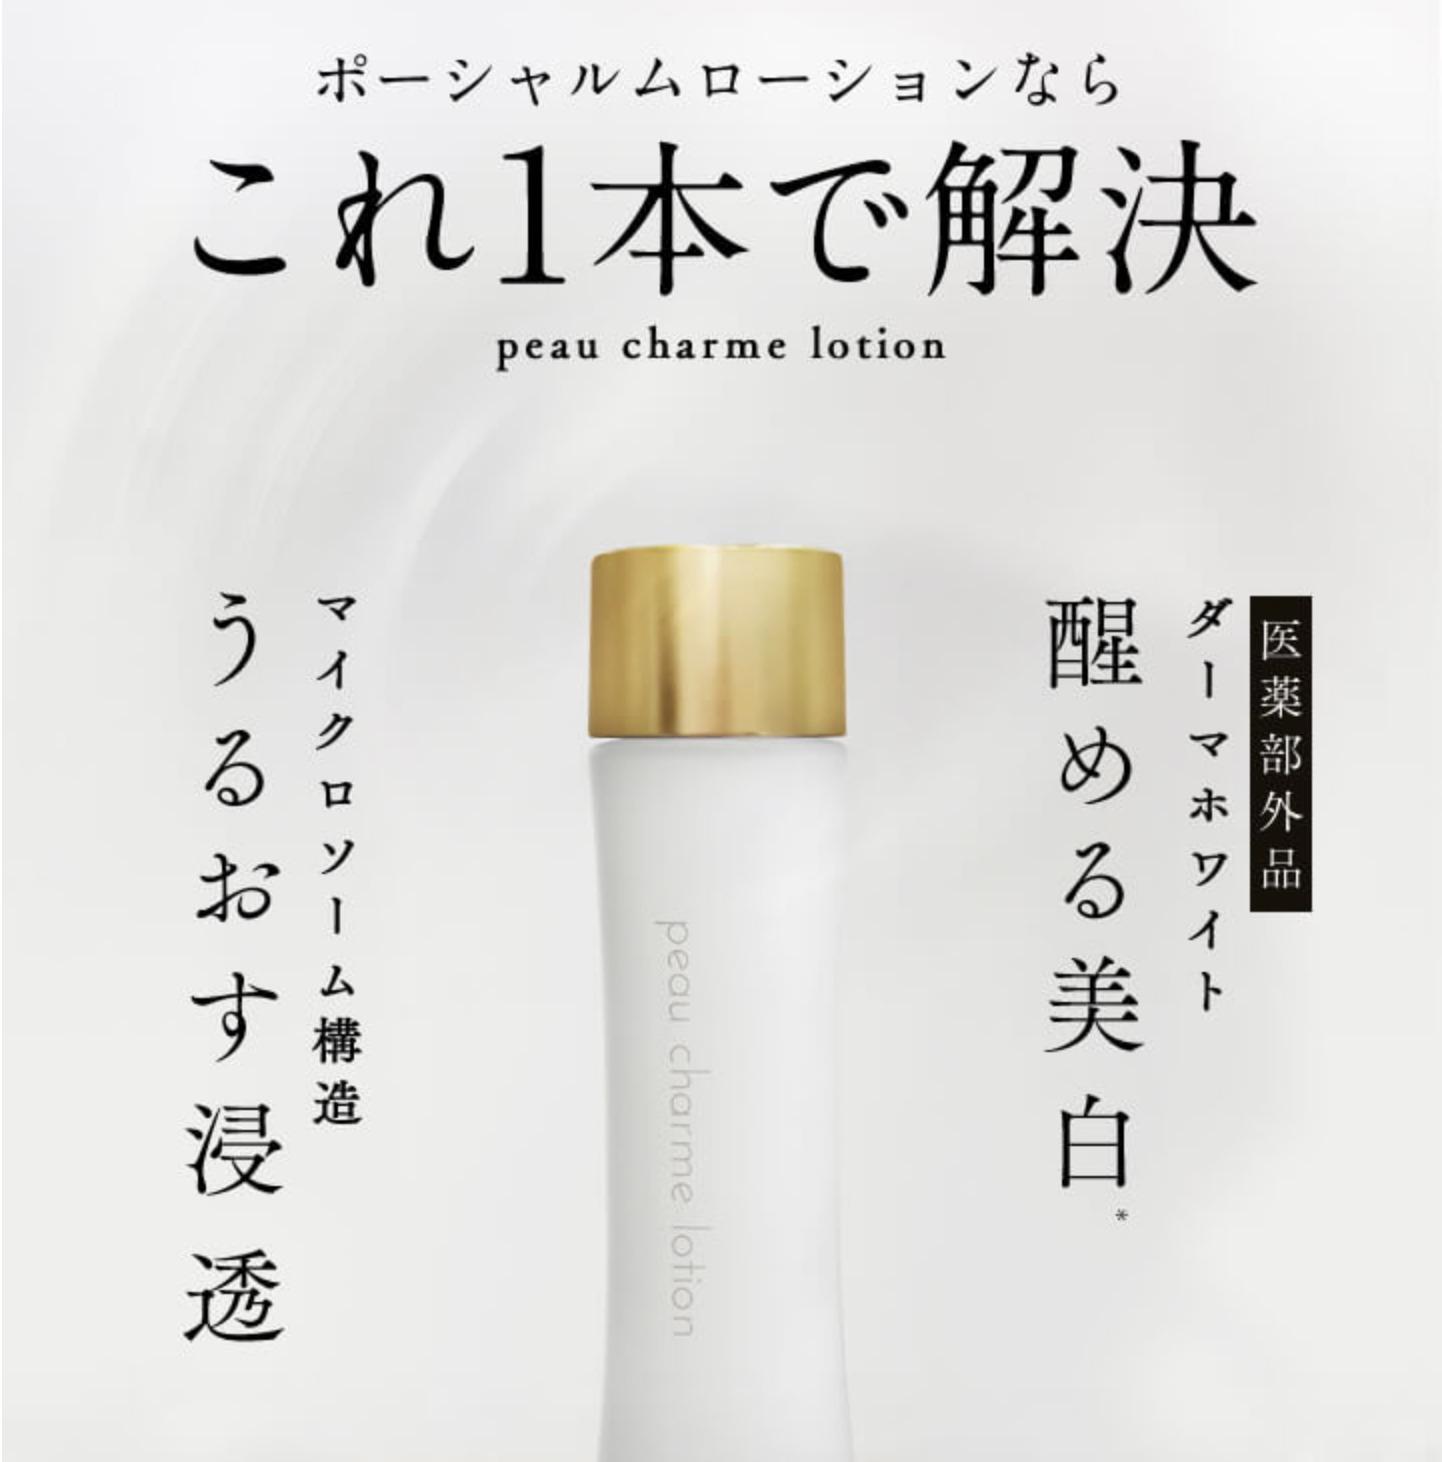 乾燥肌の人へ!保水保湿美白化粧水ポーシャルムローション